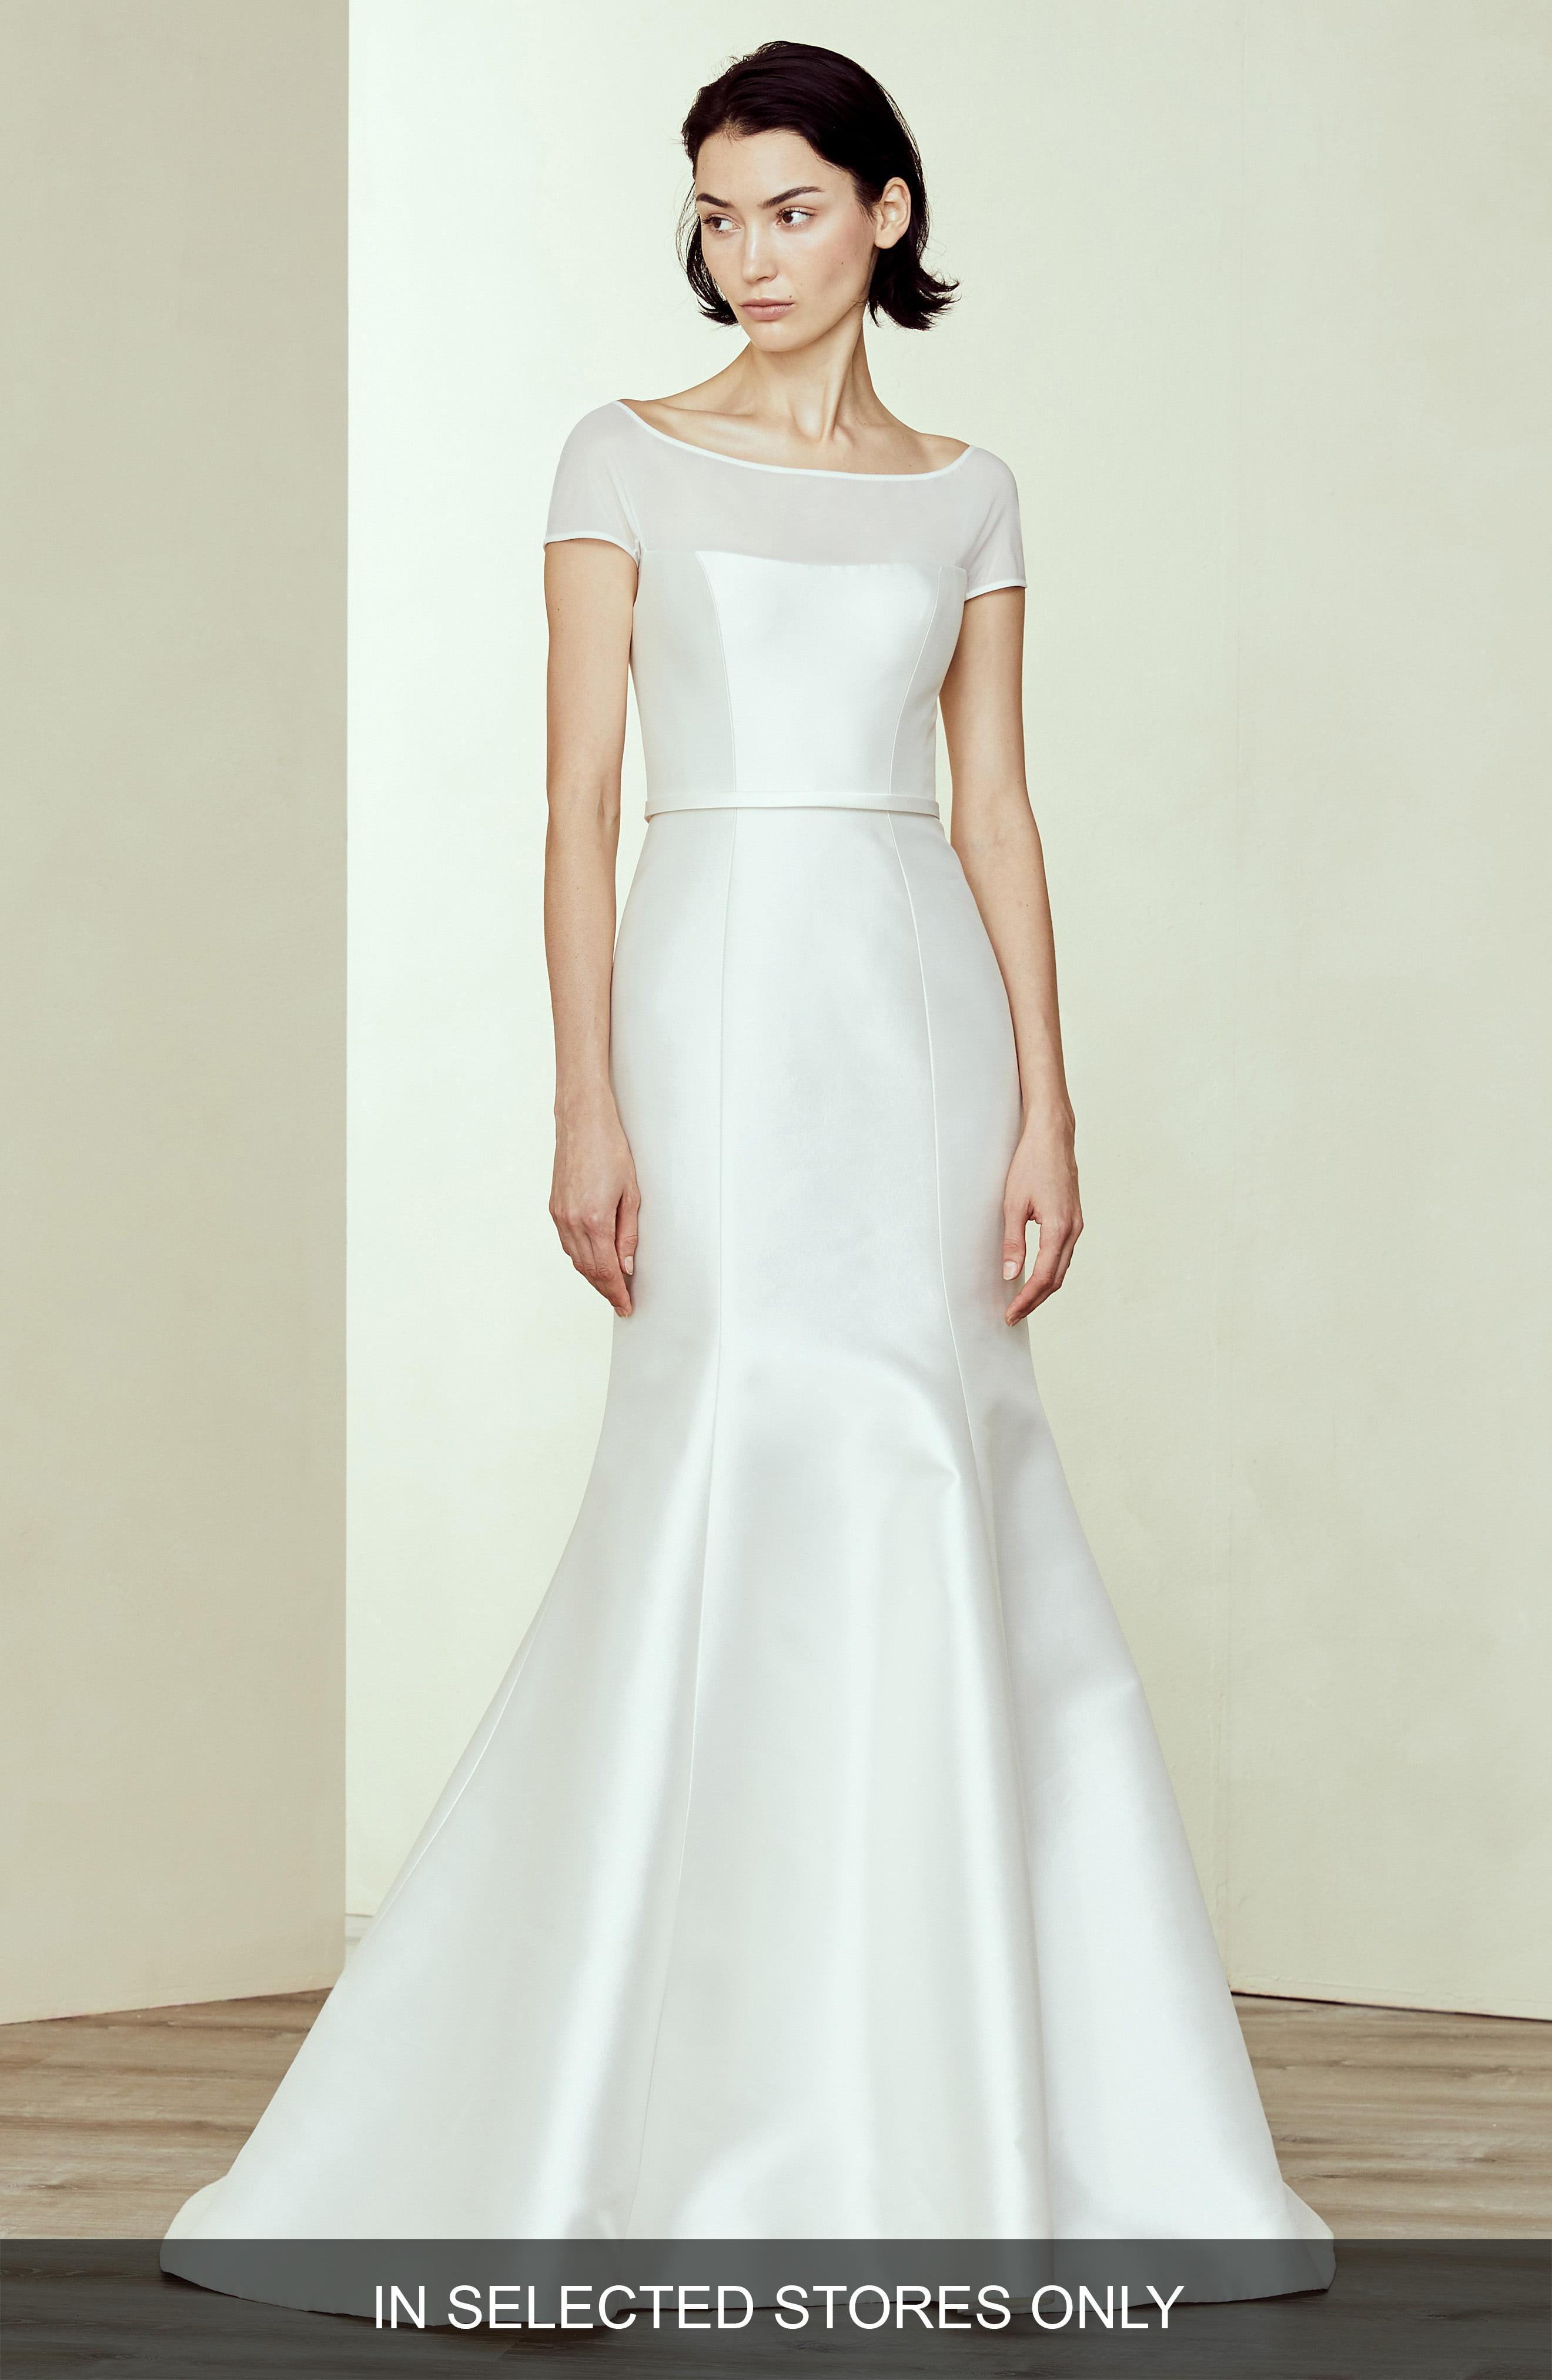 409c4adc2f99 Lyst - Amsale Denver Silk & Wool Off The Shoulder Weddding Dress in ...